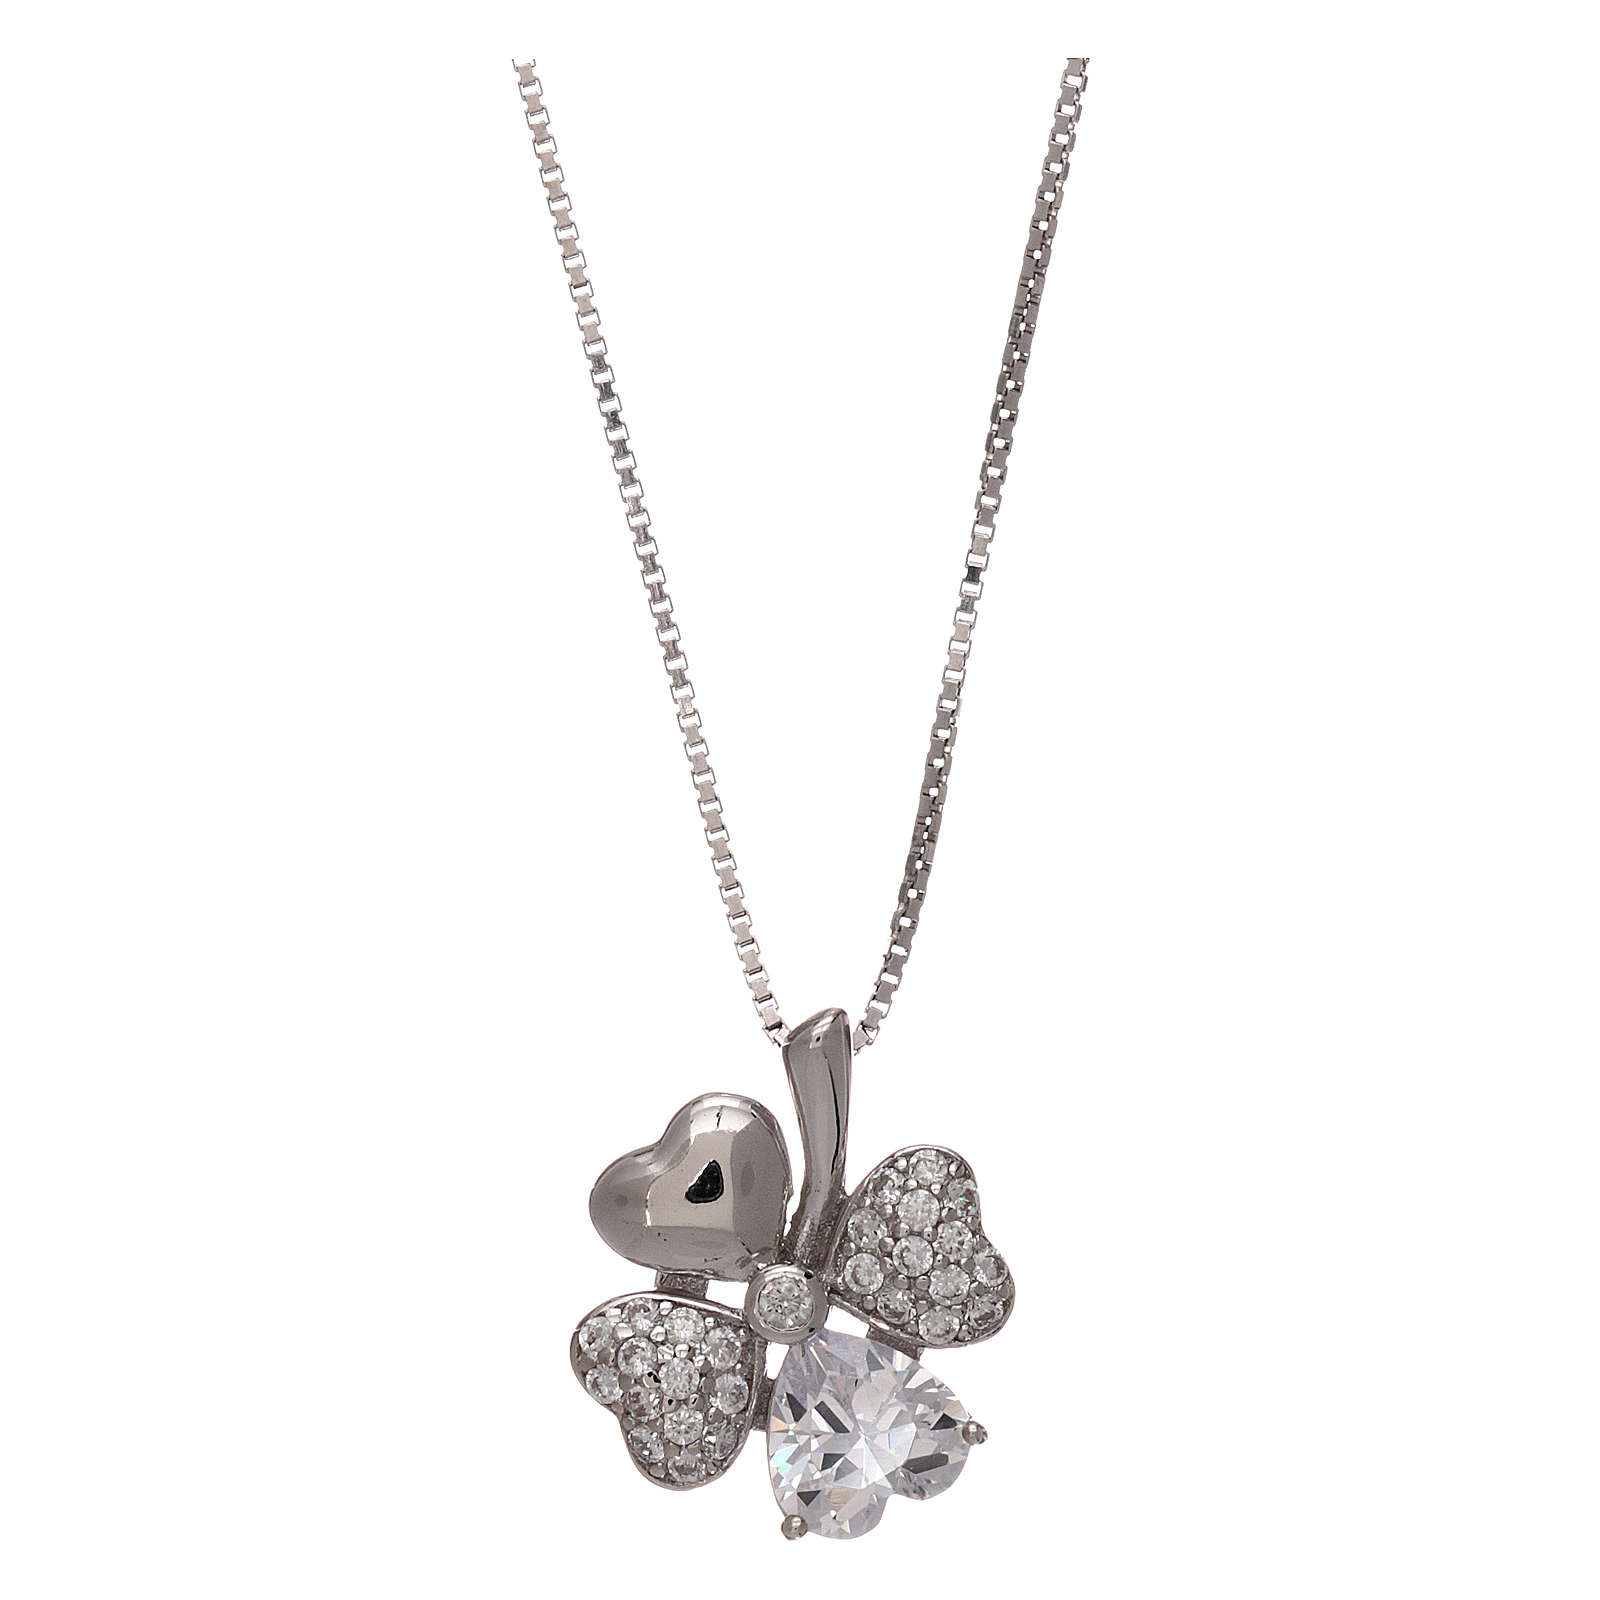 Collar de plata 925 colgante trébol con zircones AMEN 4